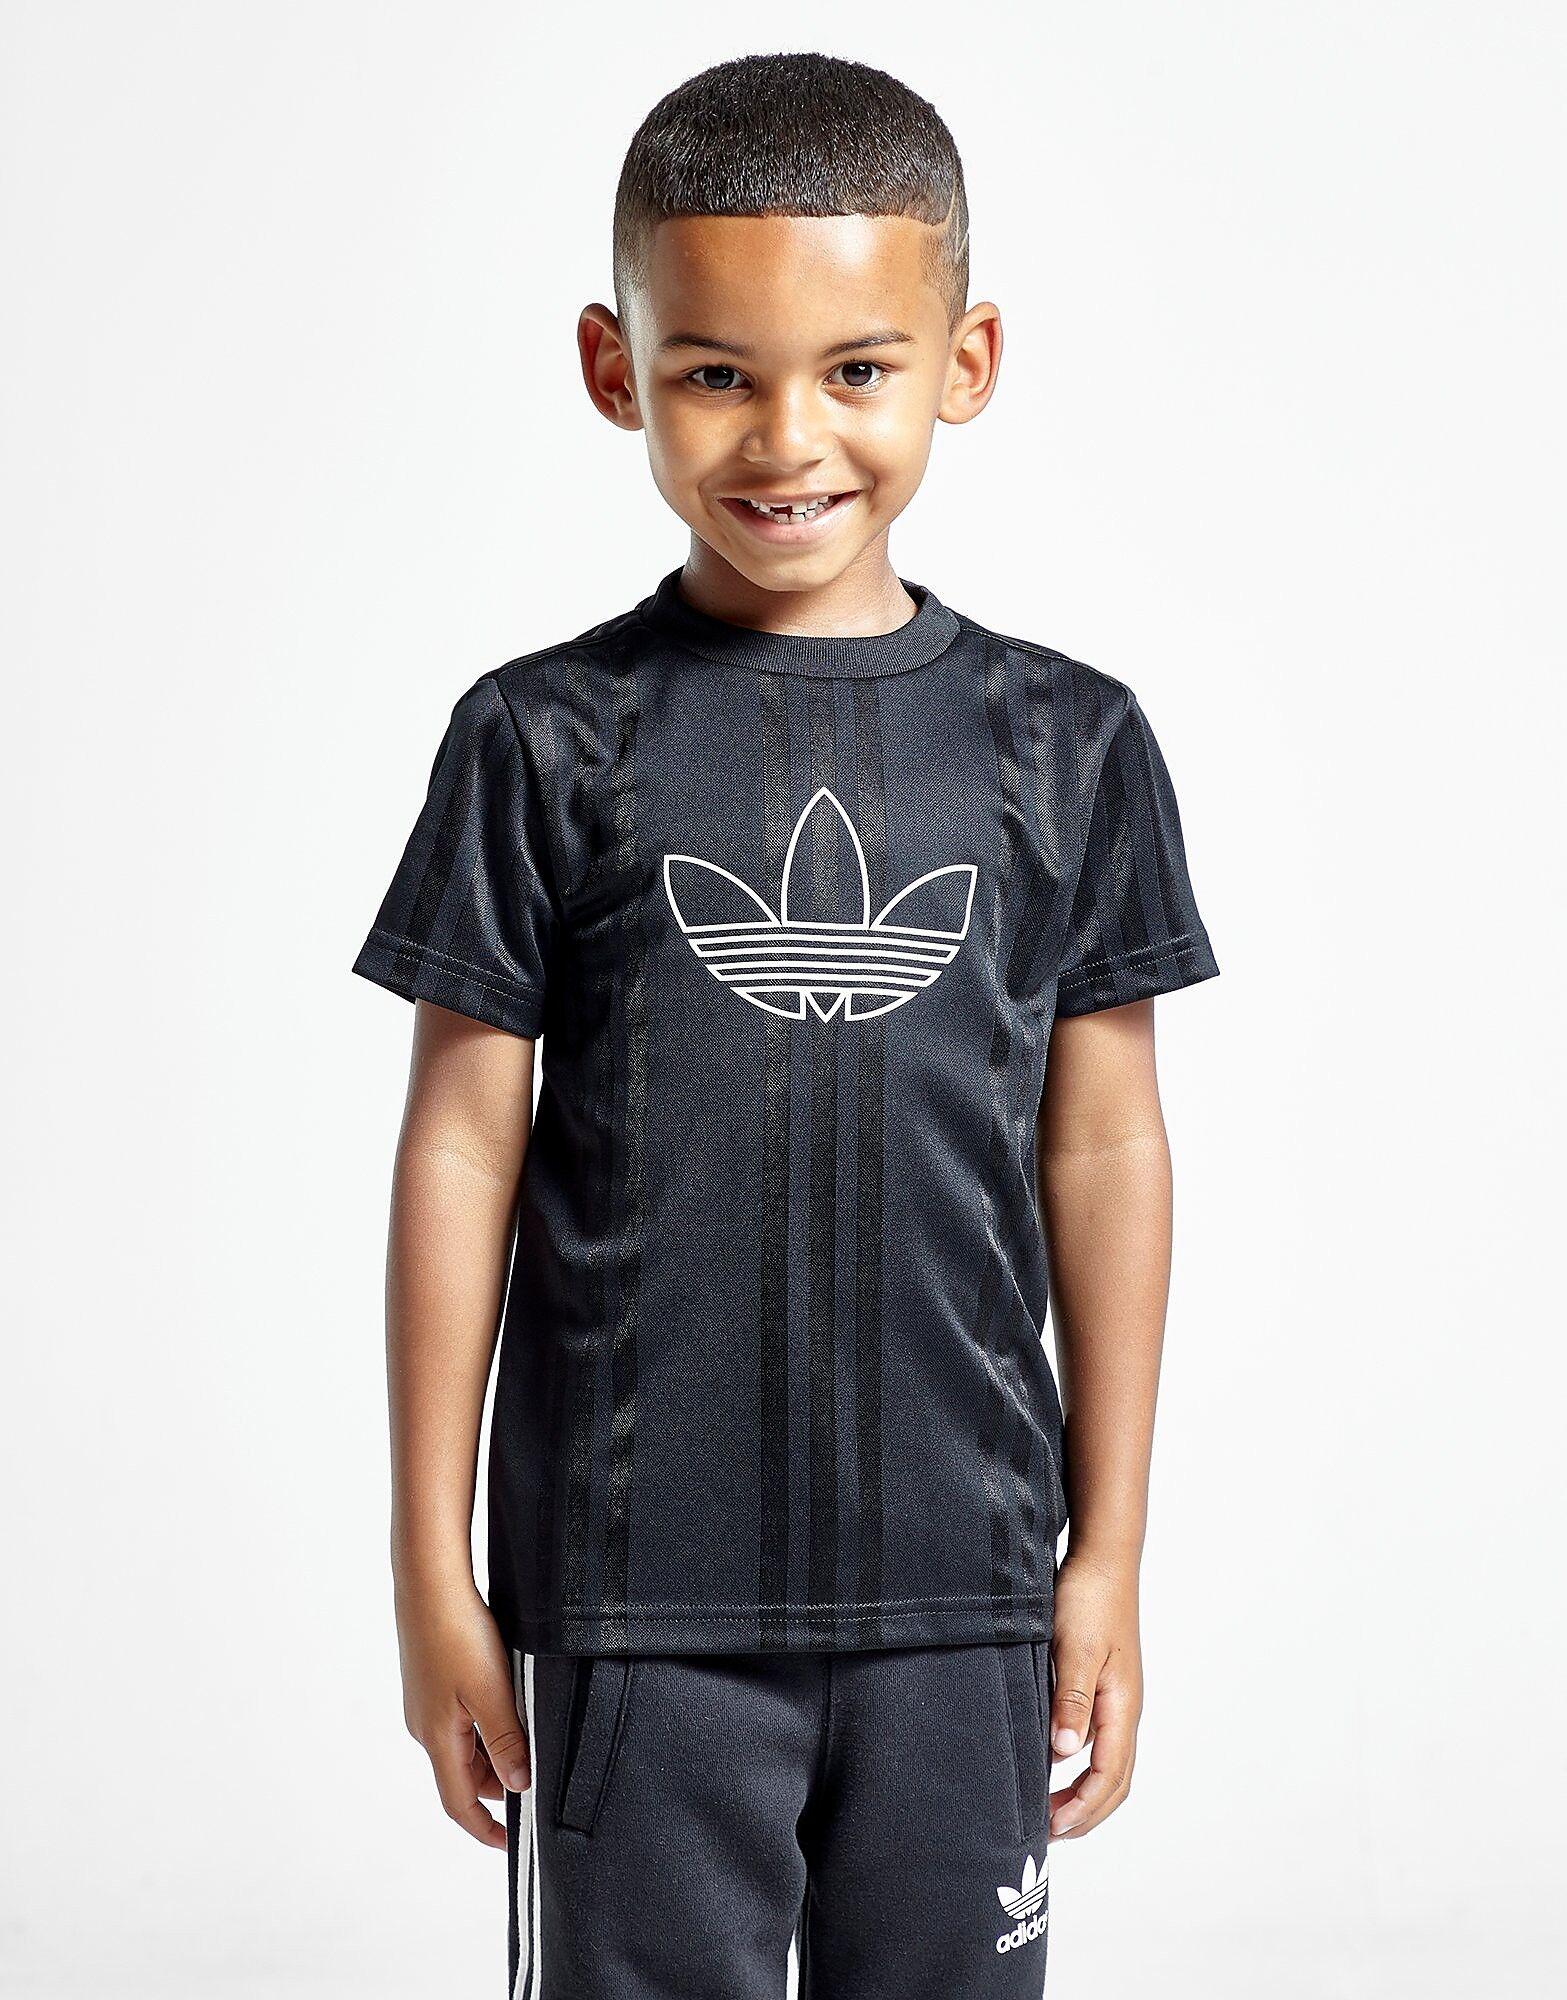 Image of Adidas Originals Spirit Outline T-Paita Lapset - Kids, Musta